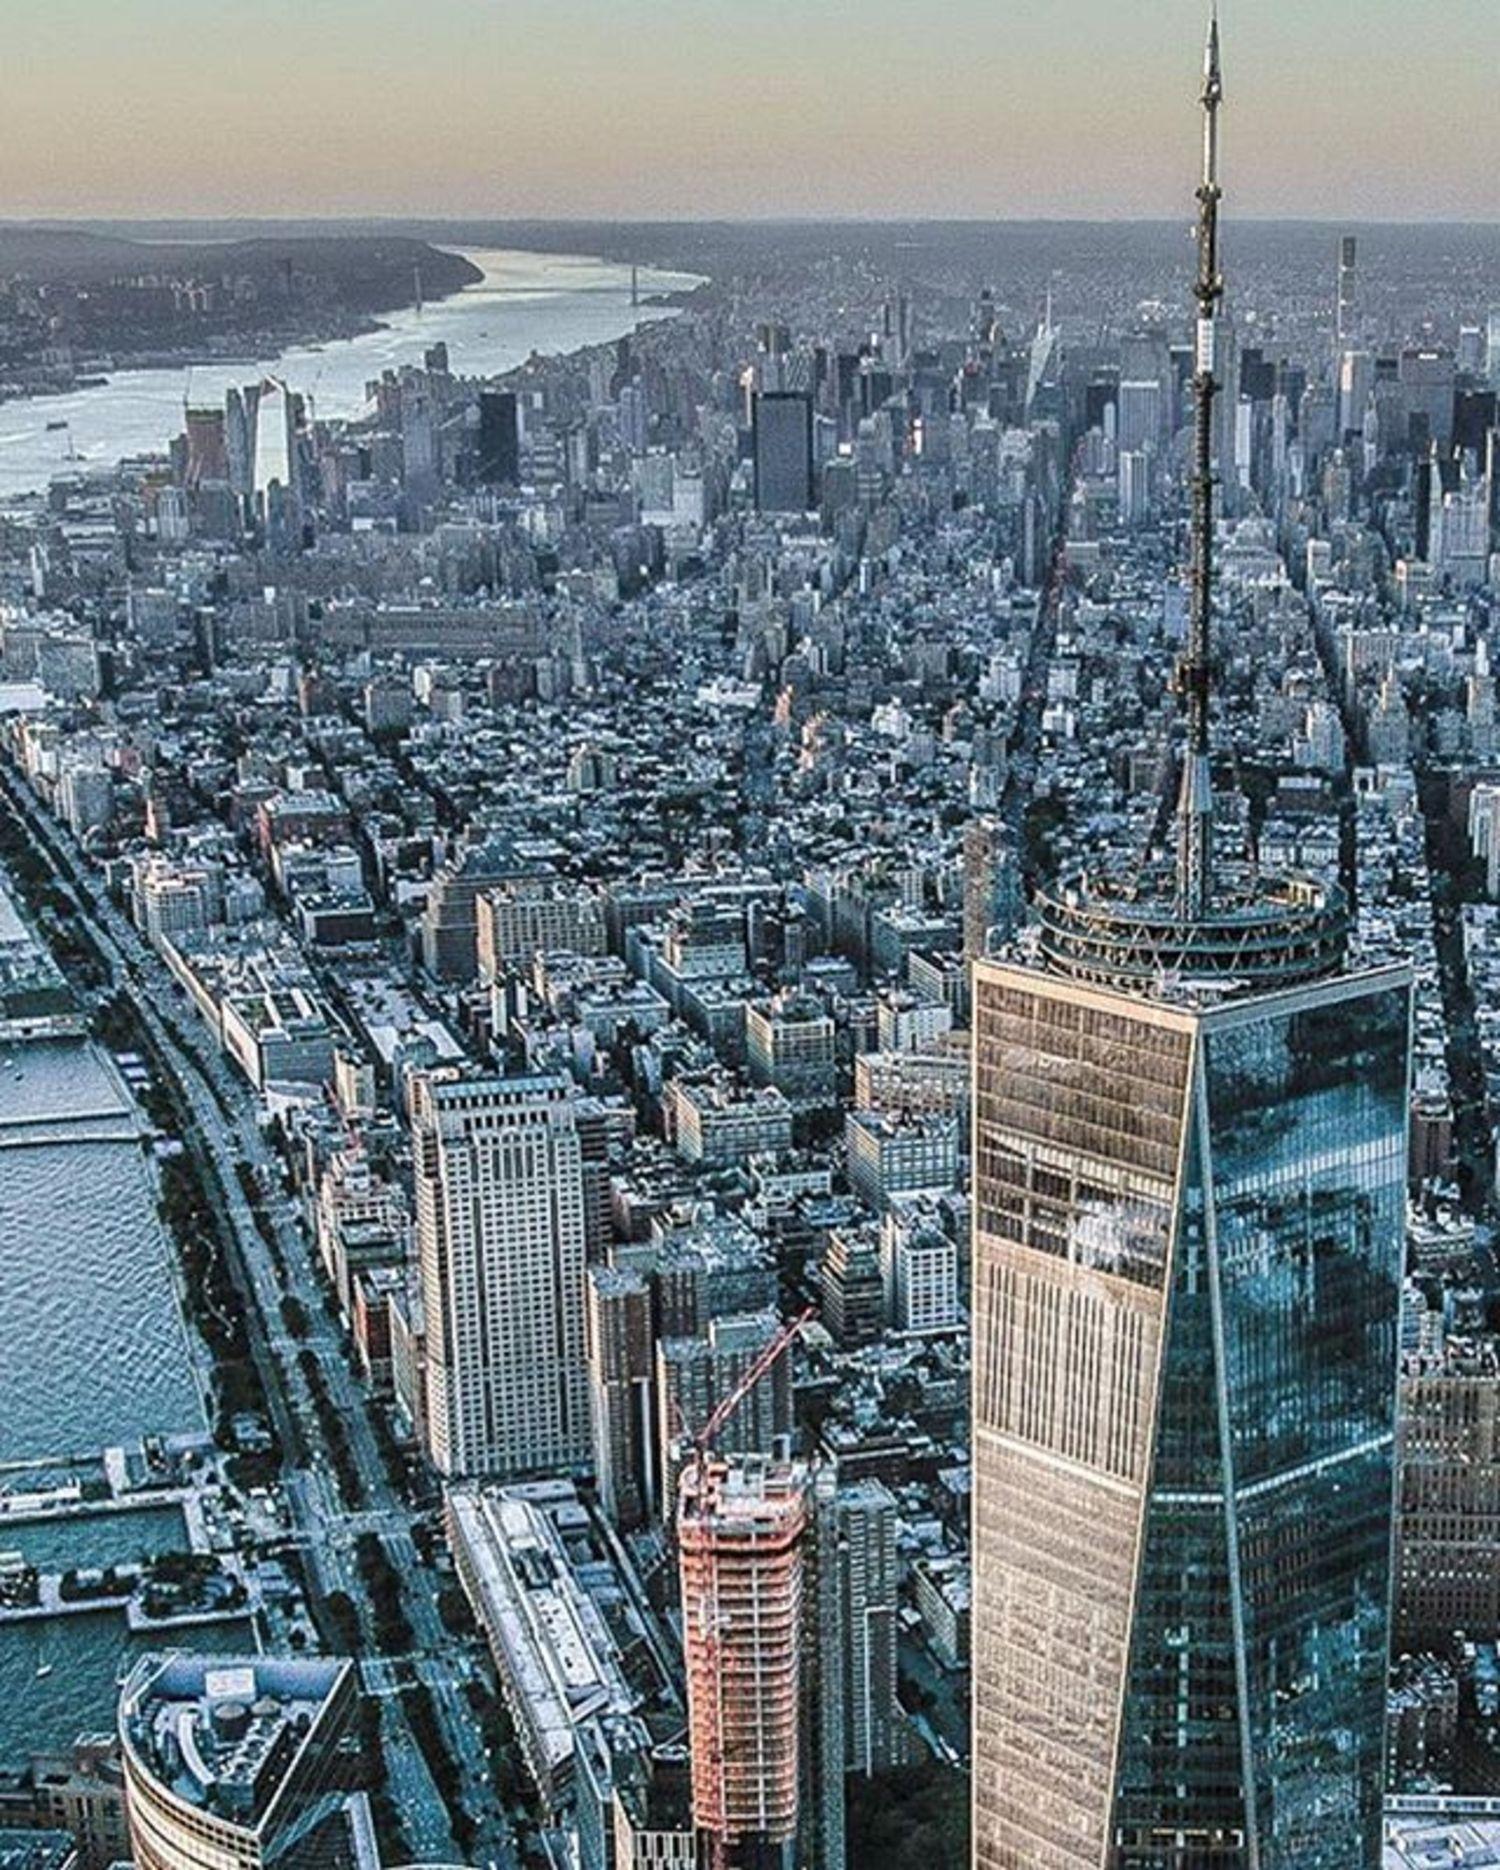 New York, New York. Photo via @nycfotophun #viewingnyc #newyork #newyorkcity #nyc